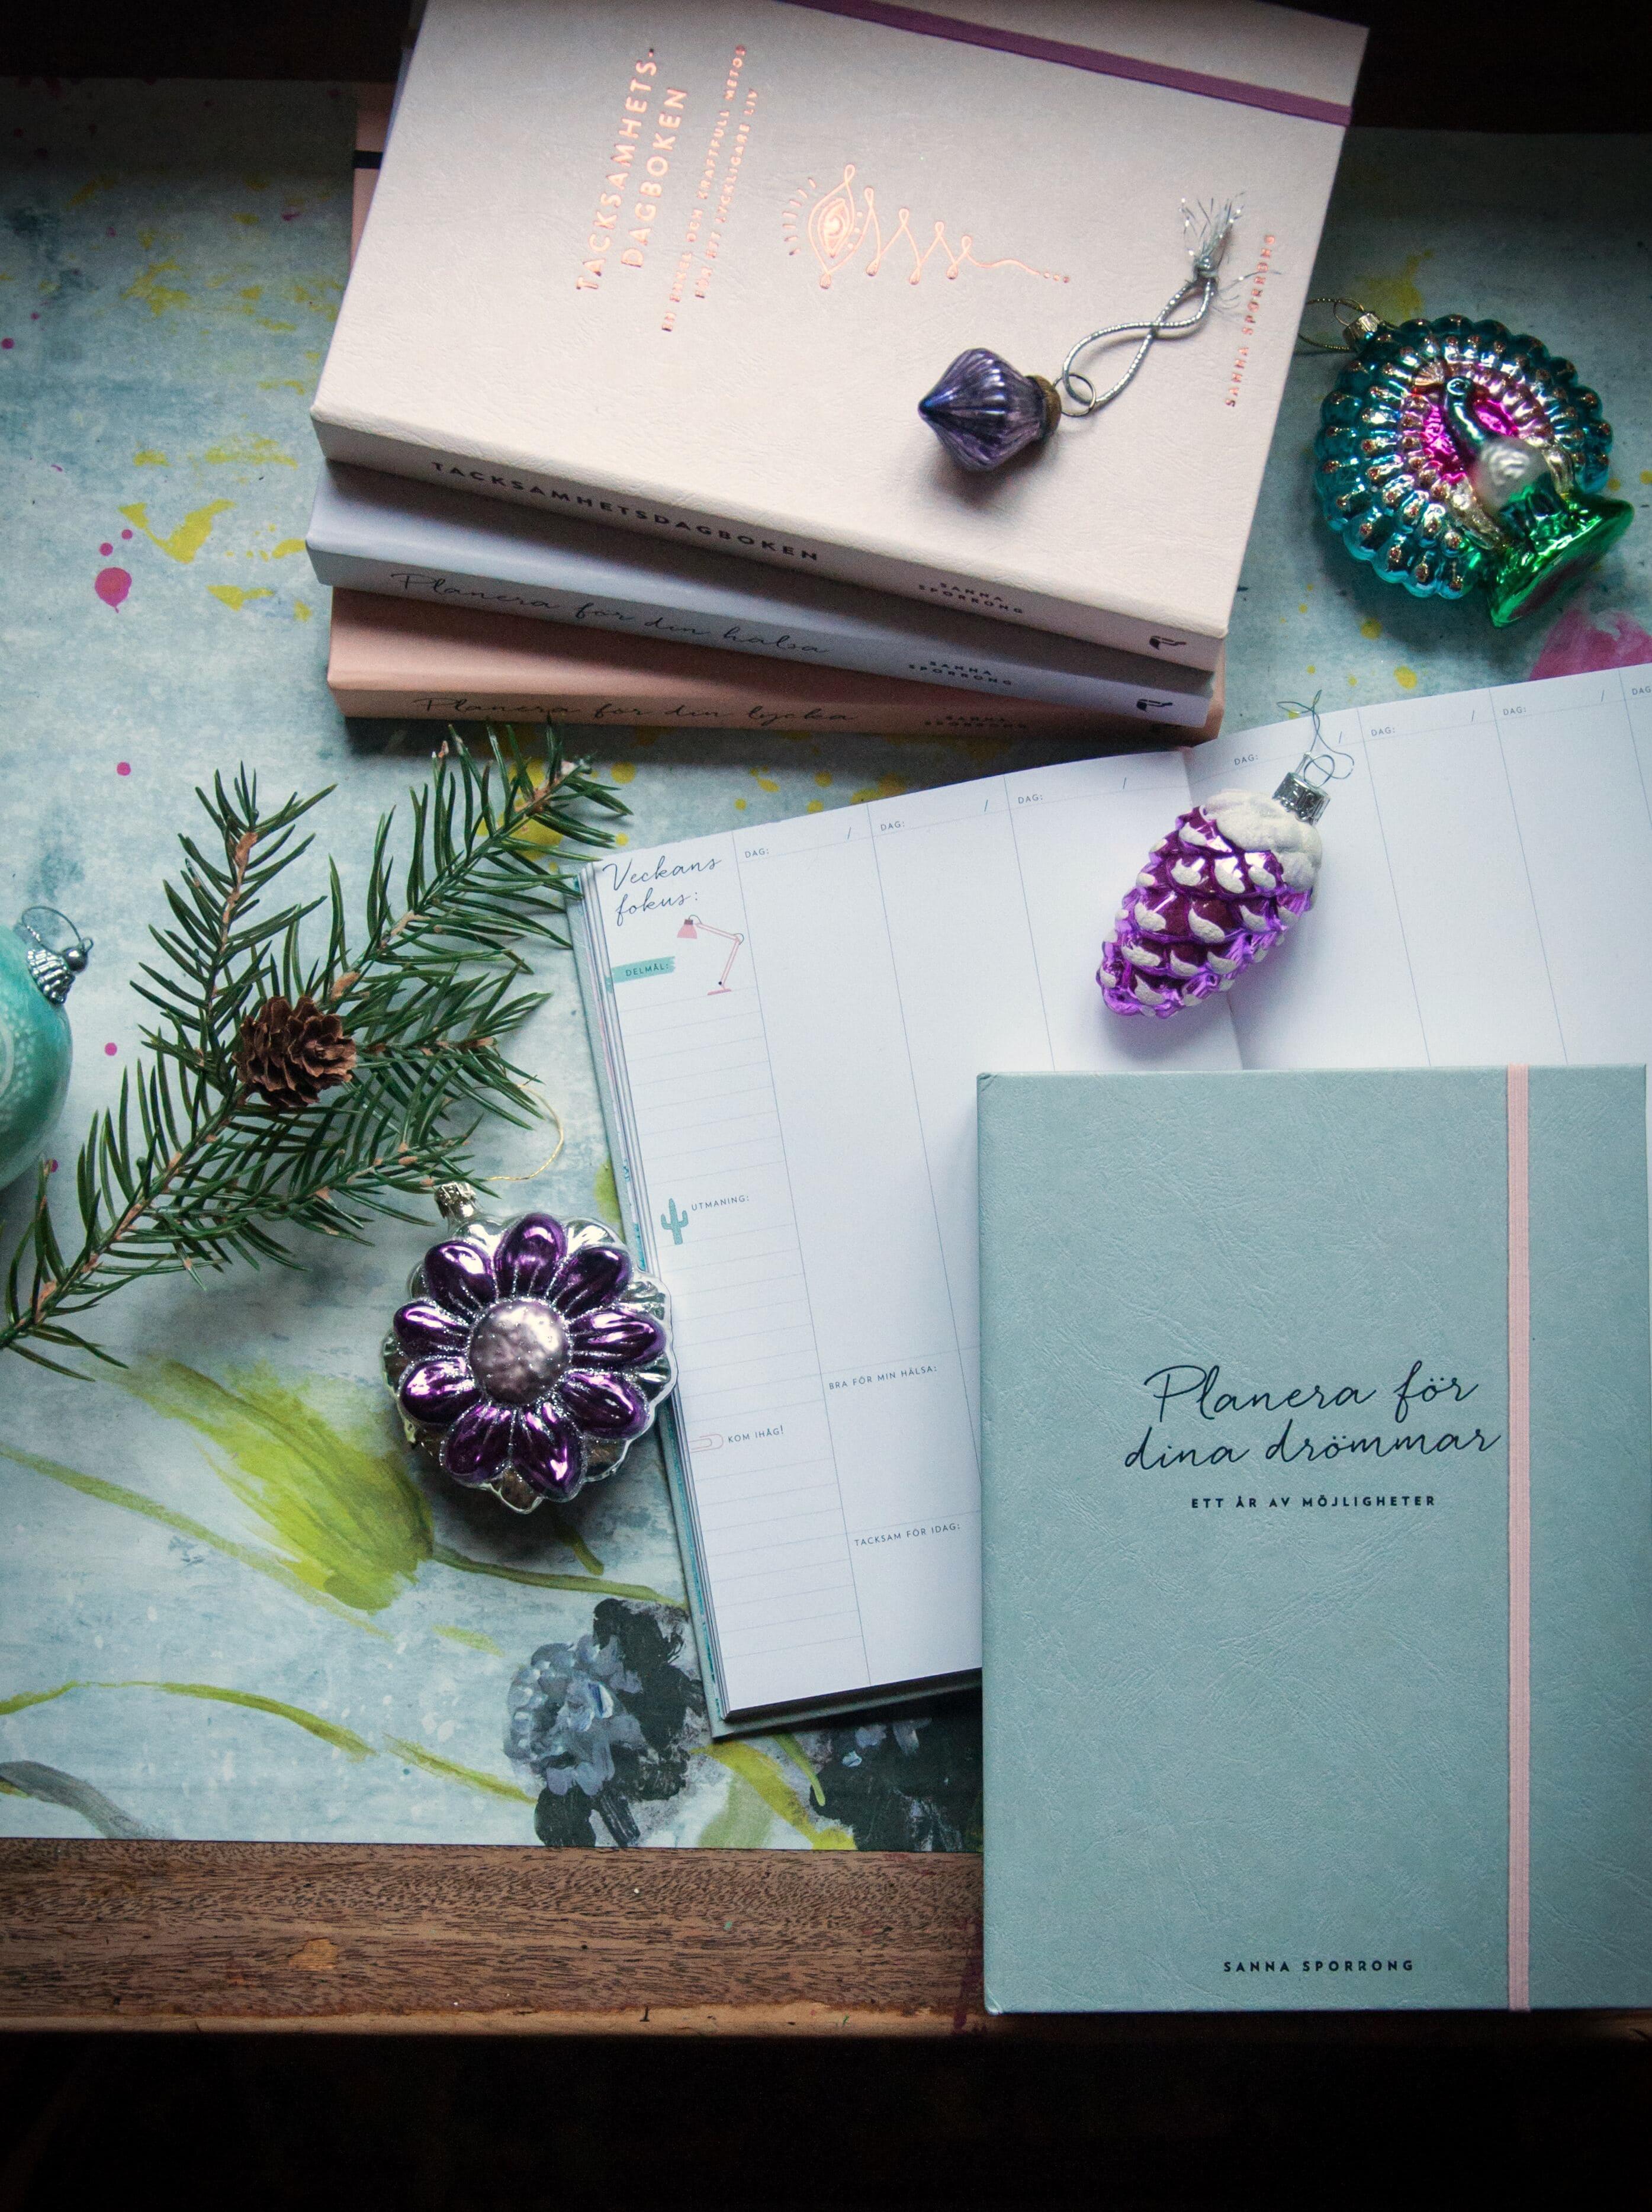 Hårda klappar - Bästa böckerna du ger bort i julklapp av Sanna Sporrong. Foto: Leonor Juhl K